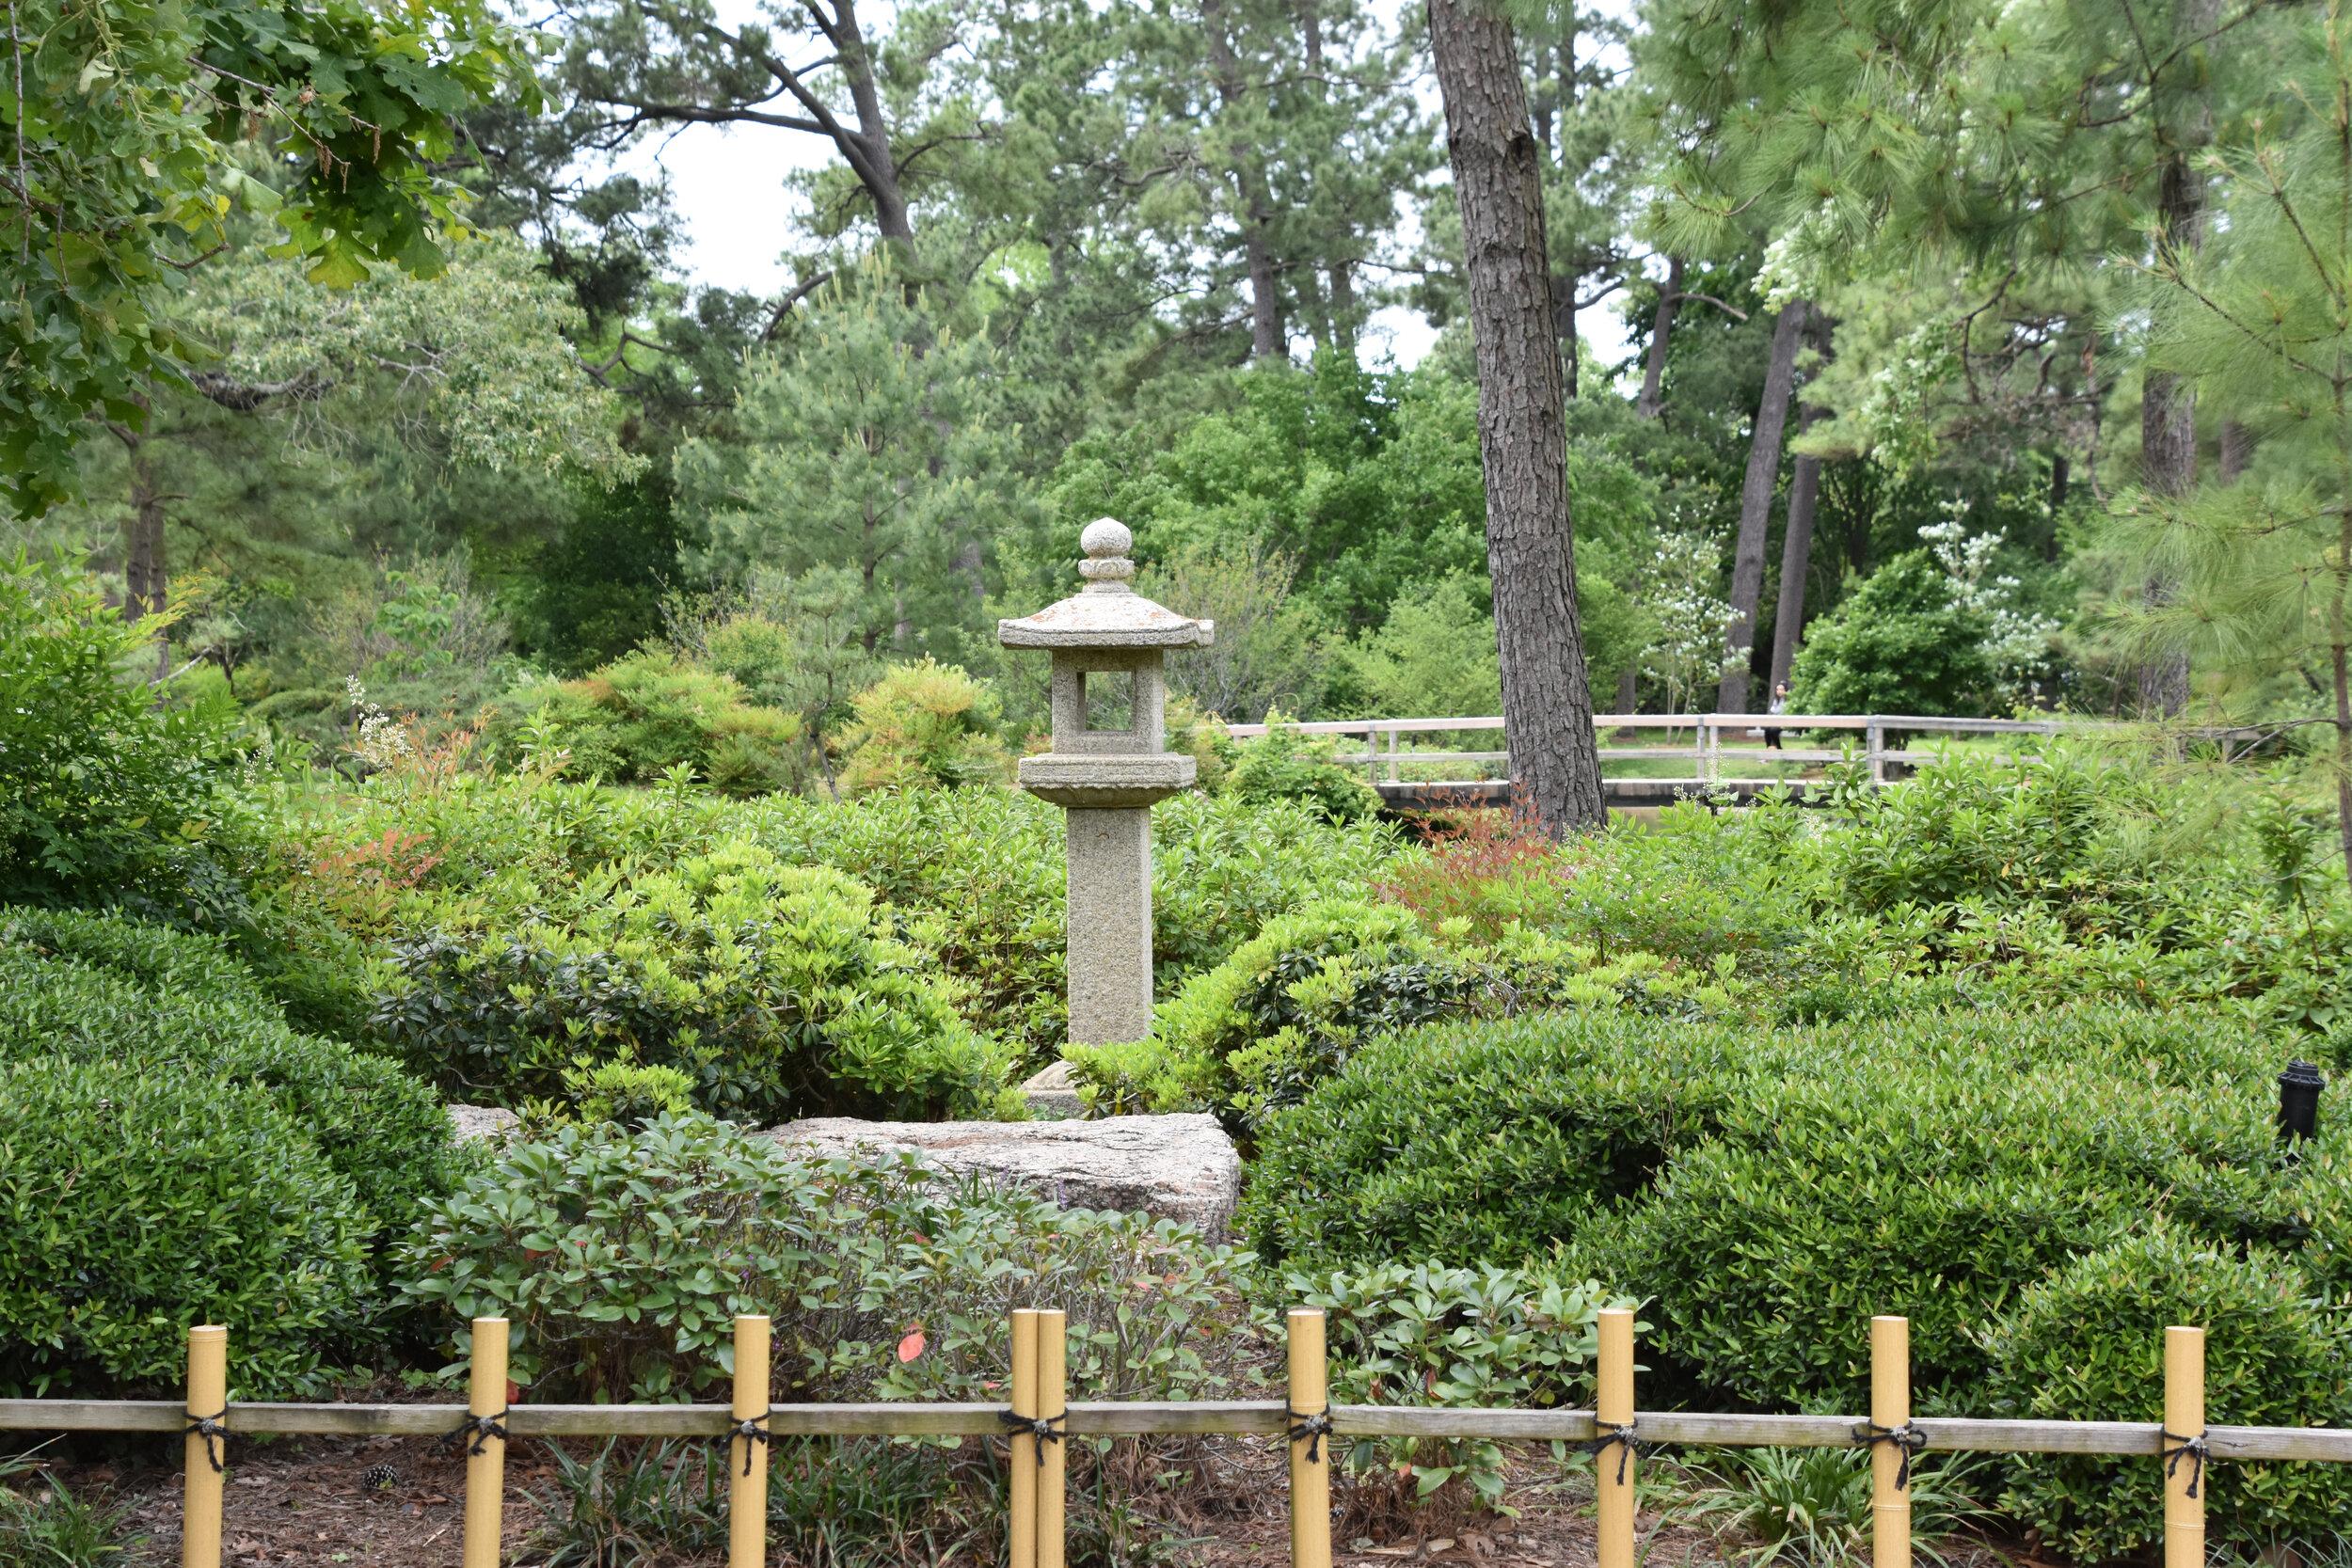 Hermann Park Japanese Garden